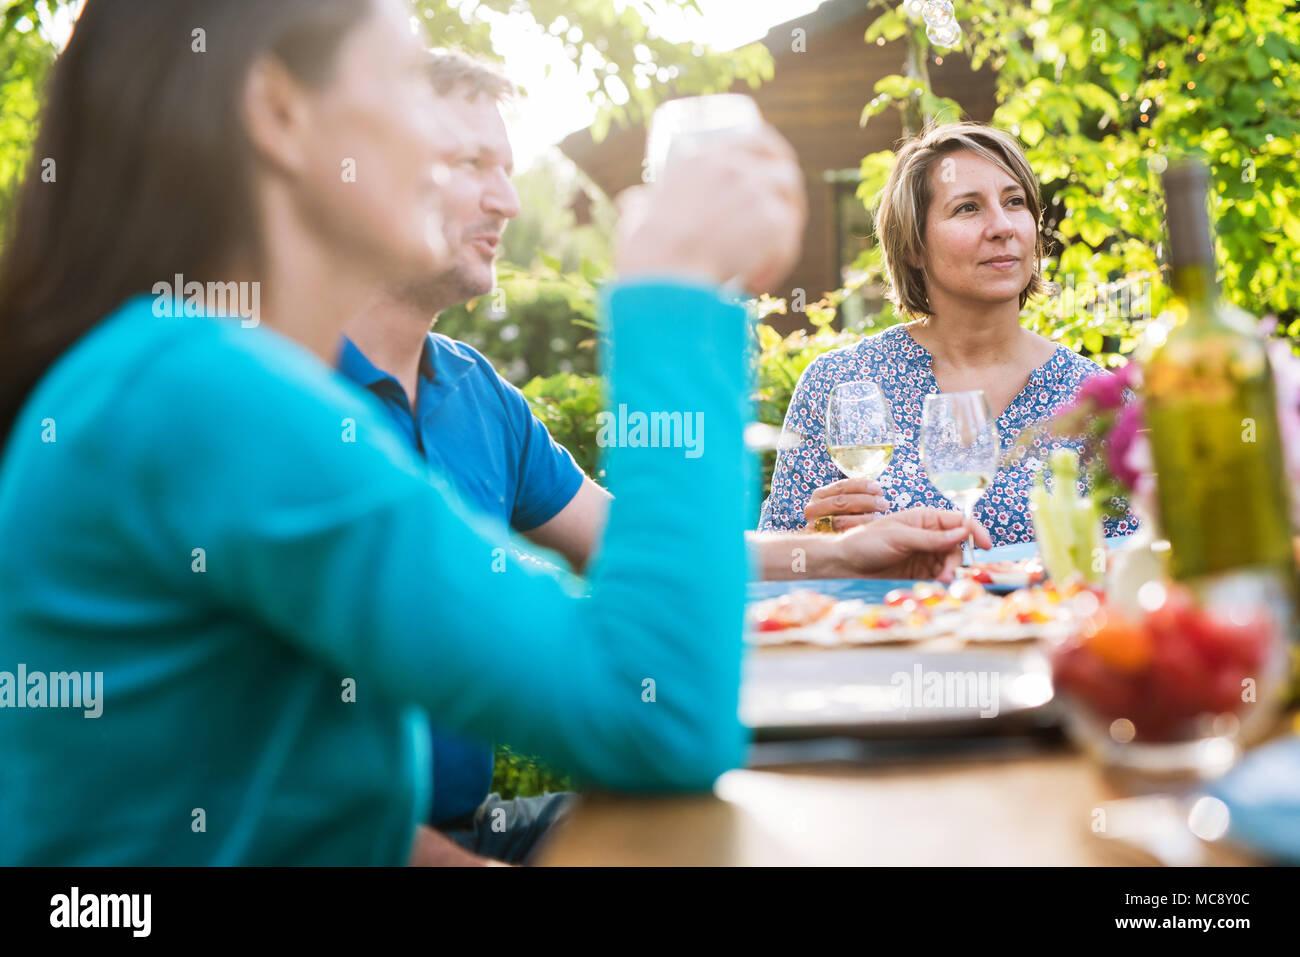 Amigos reunidos alrededor de una mesa en el jardín una noche de verano para compartir una comida y divertirse juntos. Imagen De Stock